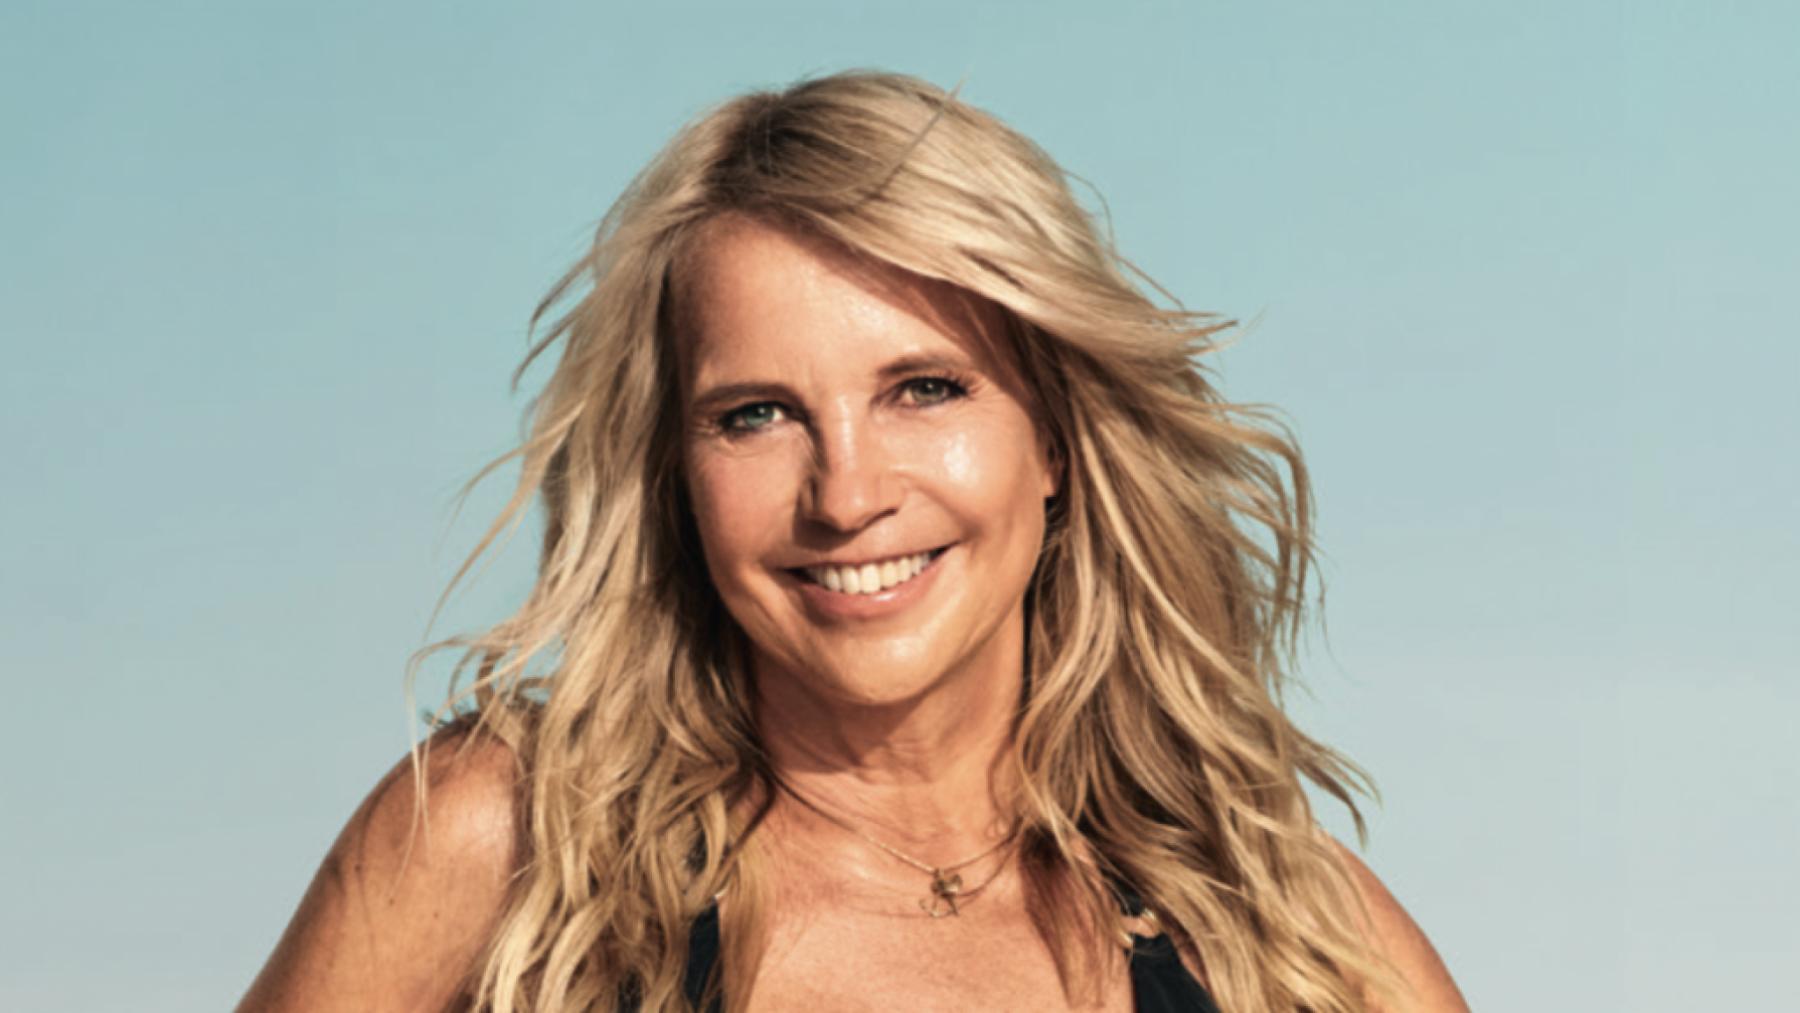 Het nieuwsjaar in beeld: van Linda in bikini tot koninklijke sorry